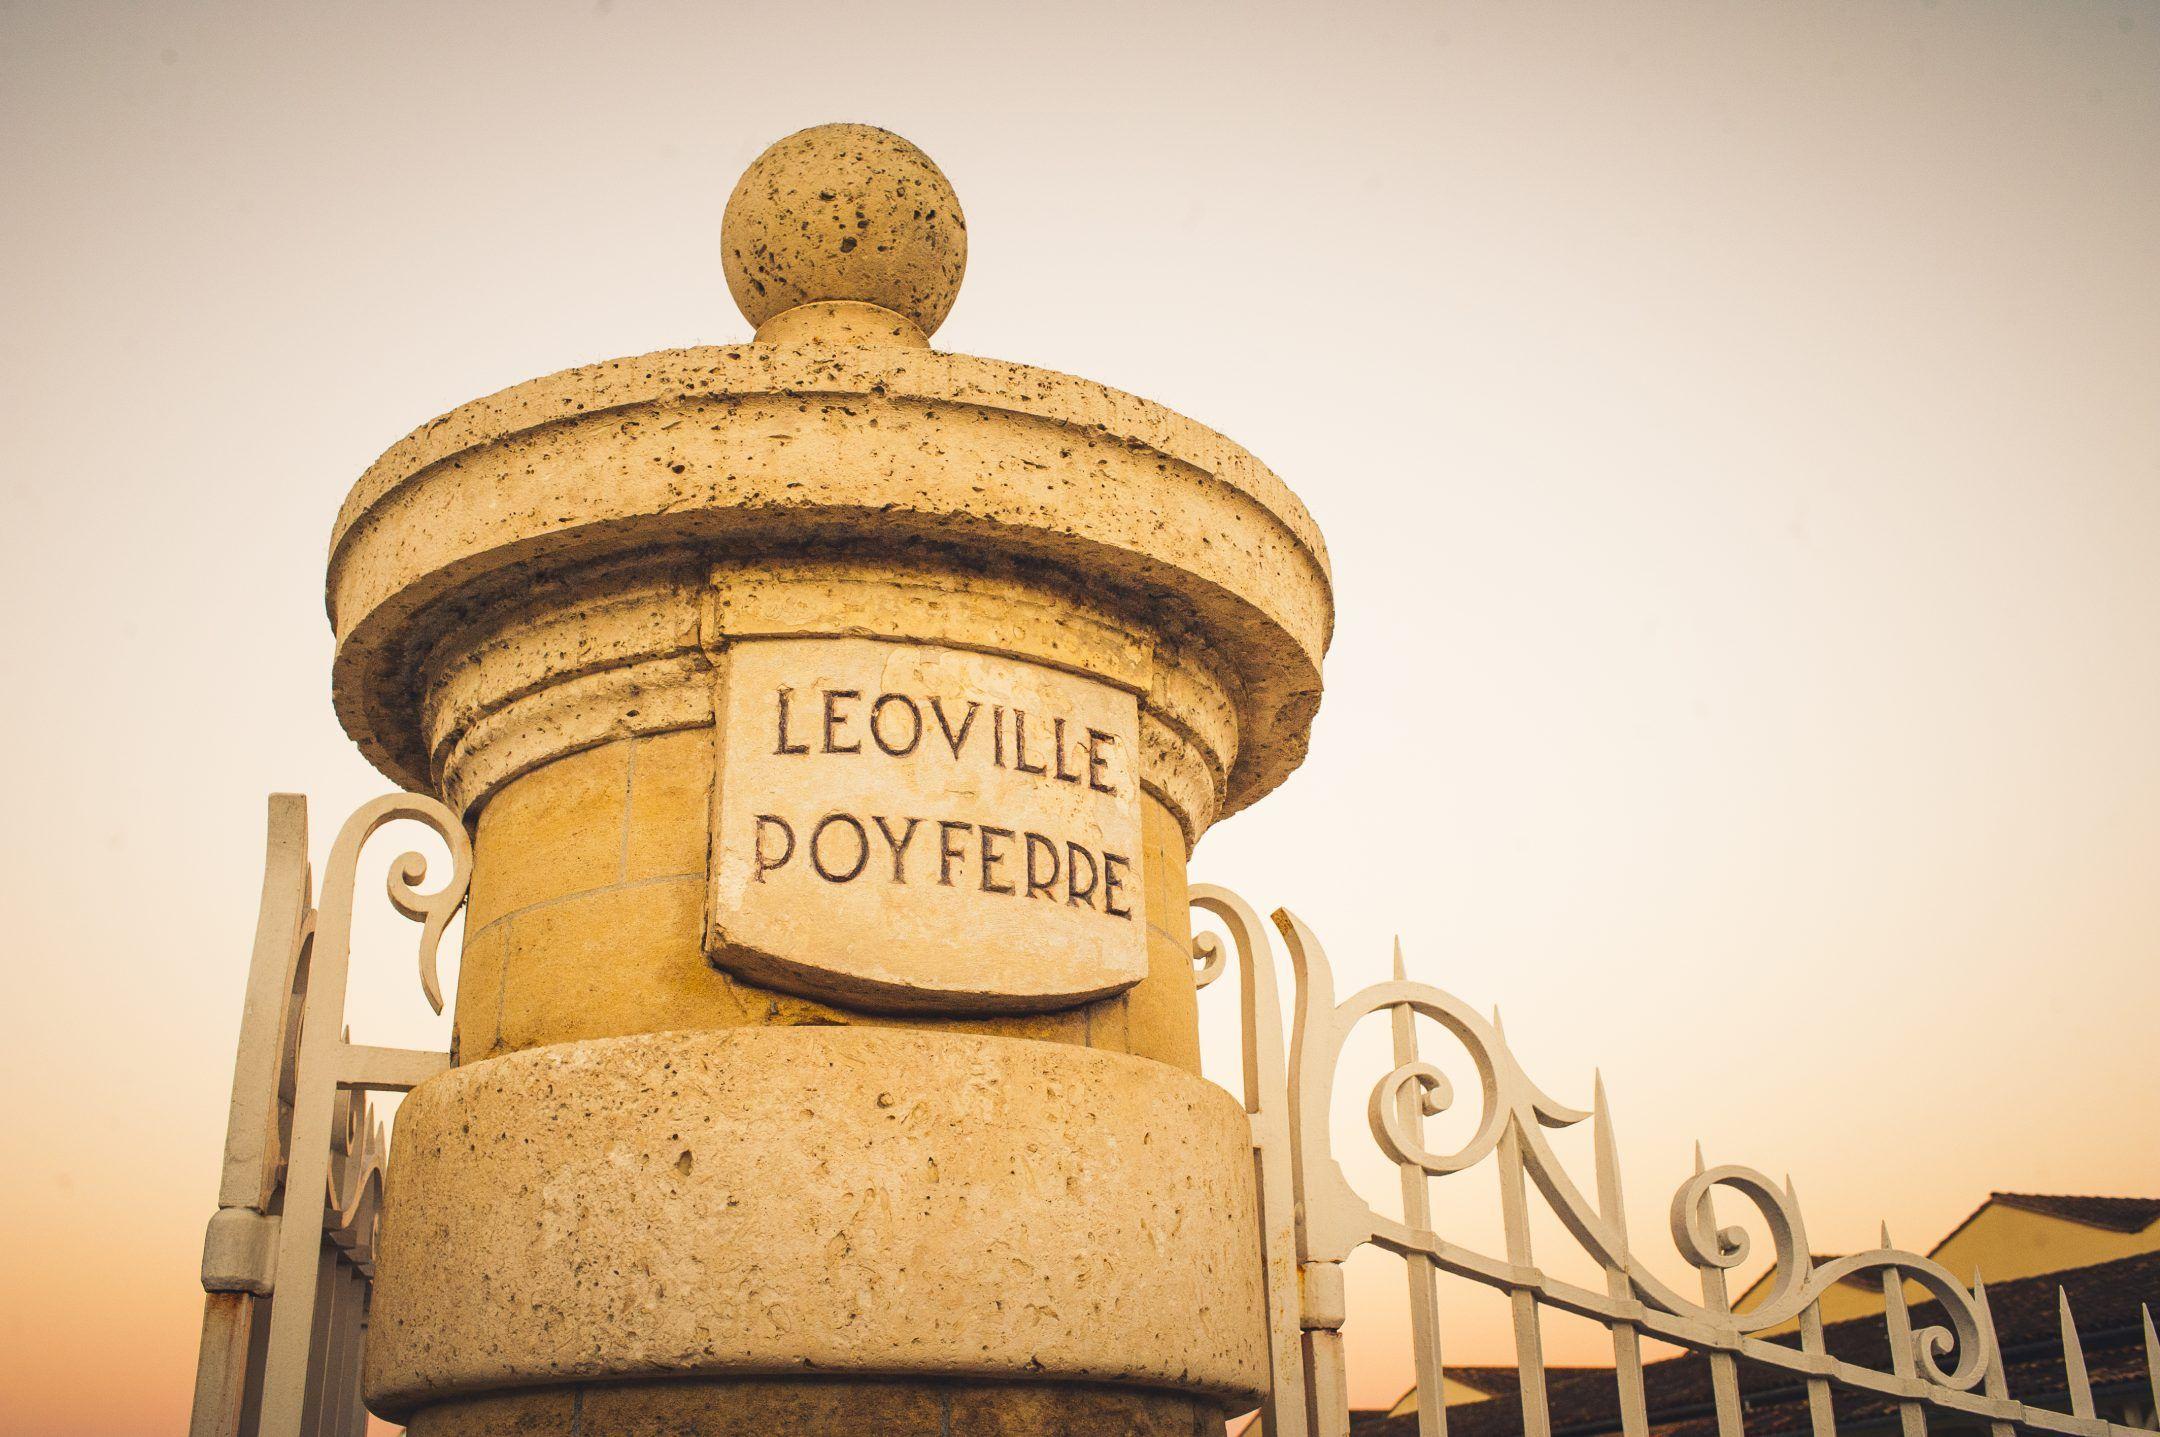 酒庄概况 - Léoville Poyferré